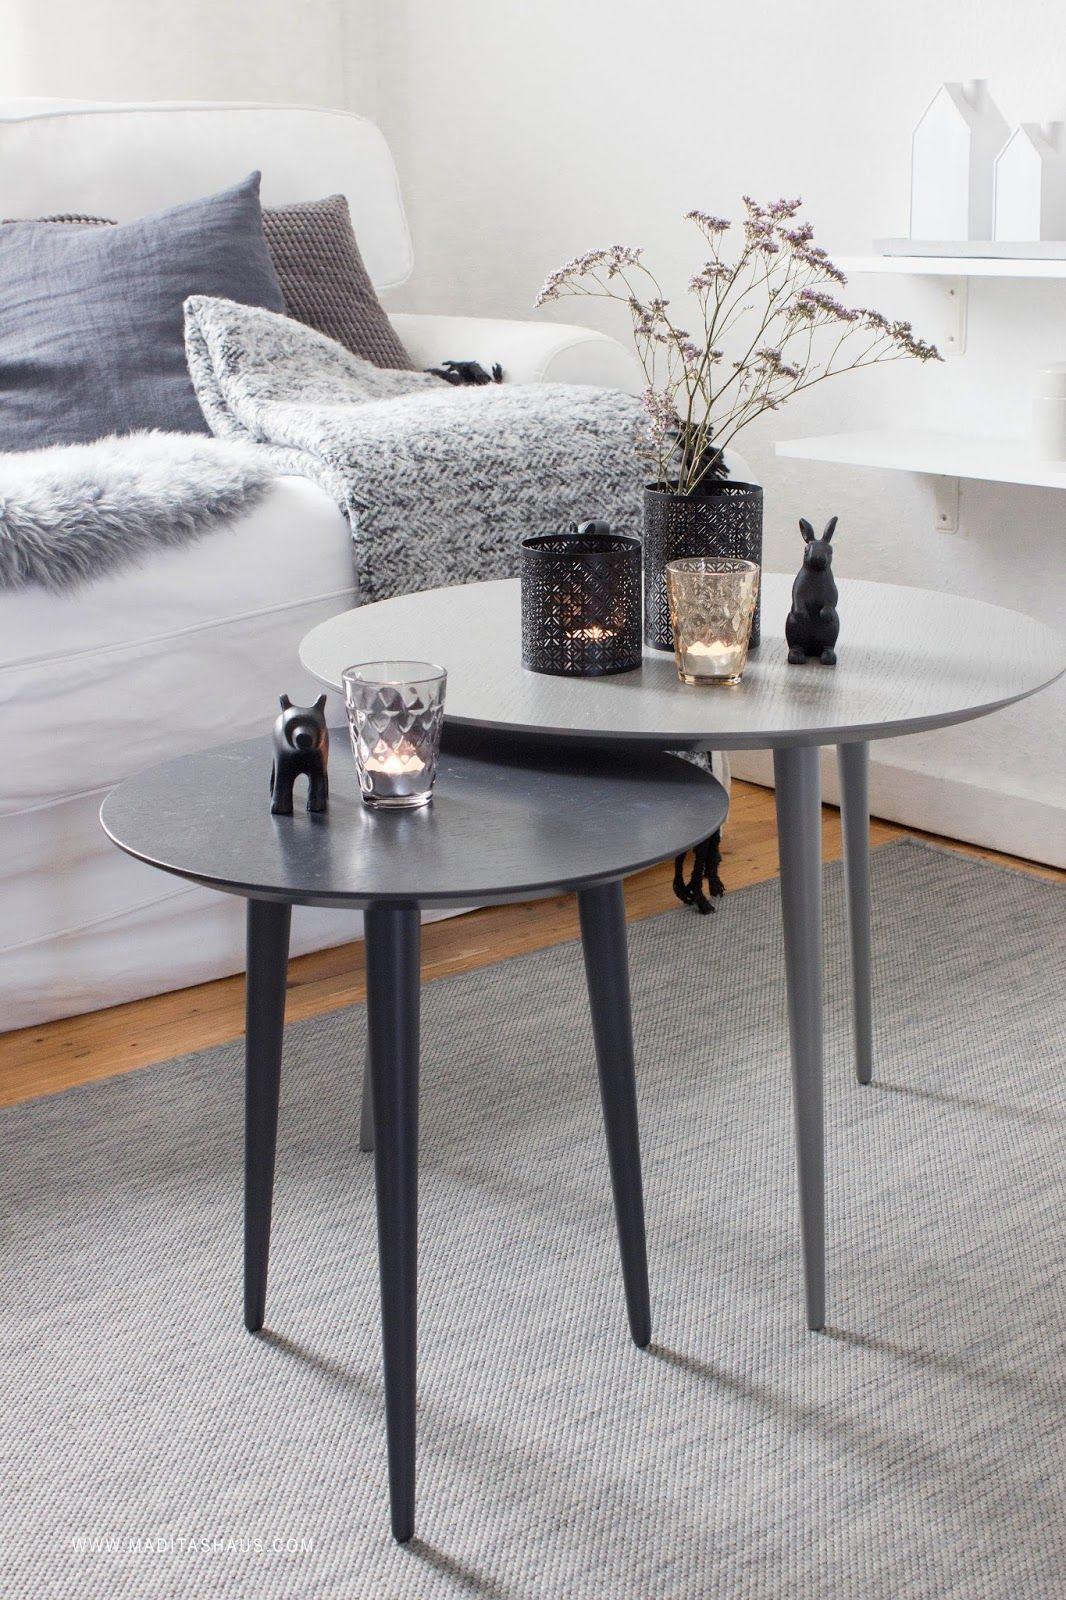 Two shades of grey allow a wide range of decoration ideas. #mycs #makeityours #furnituredesign  3 herbstliche Dekoideen für den Tisch | Maditas Haus | Lifestyle und Interior Blog